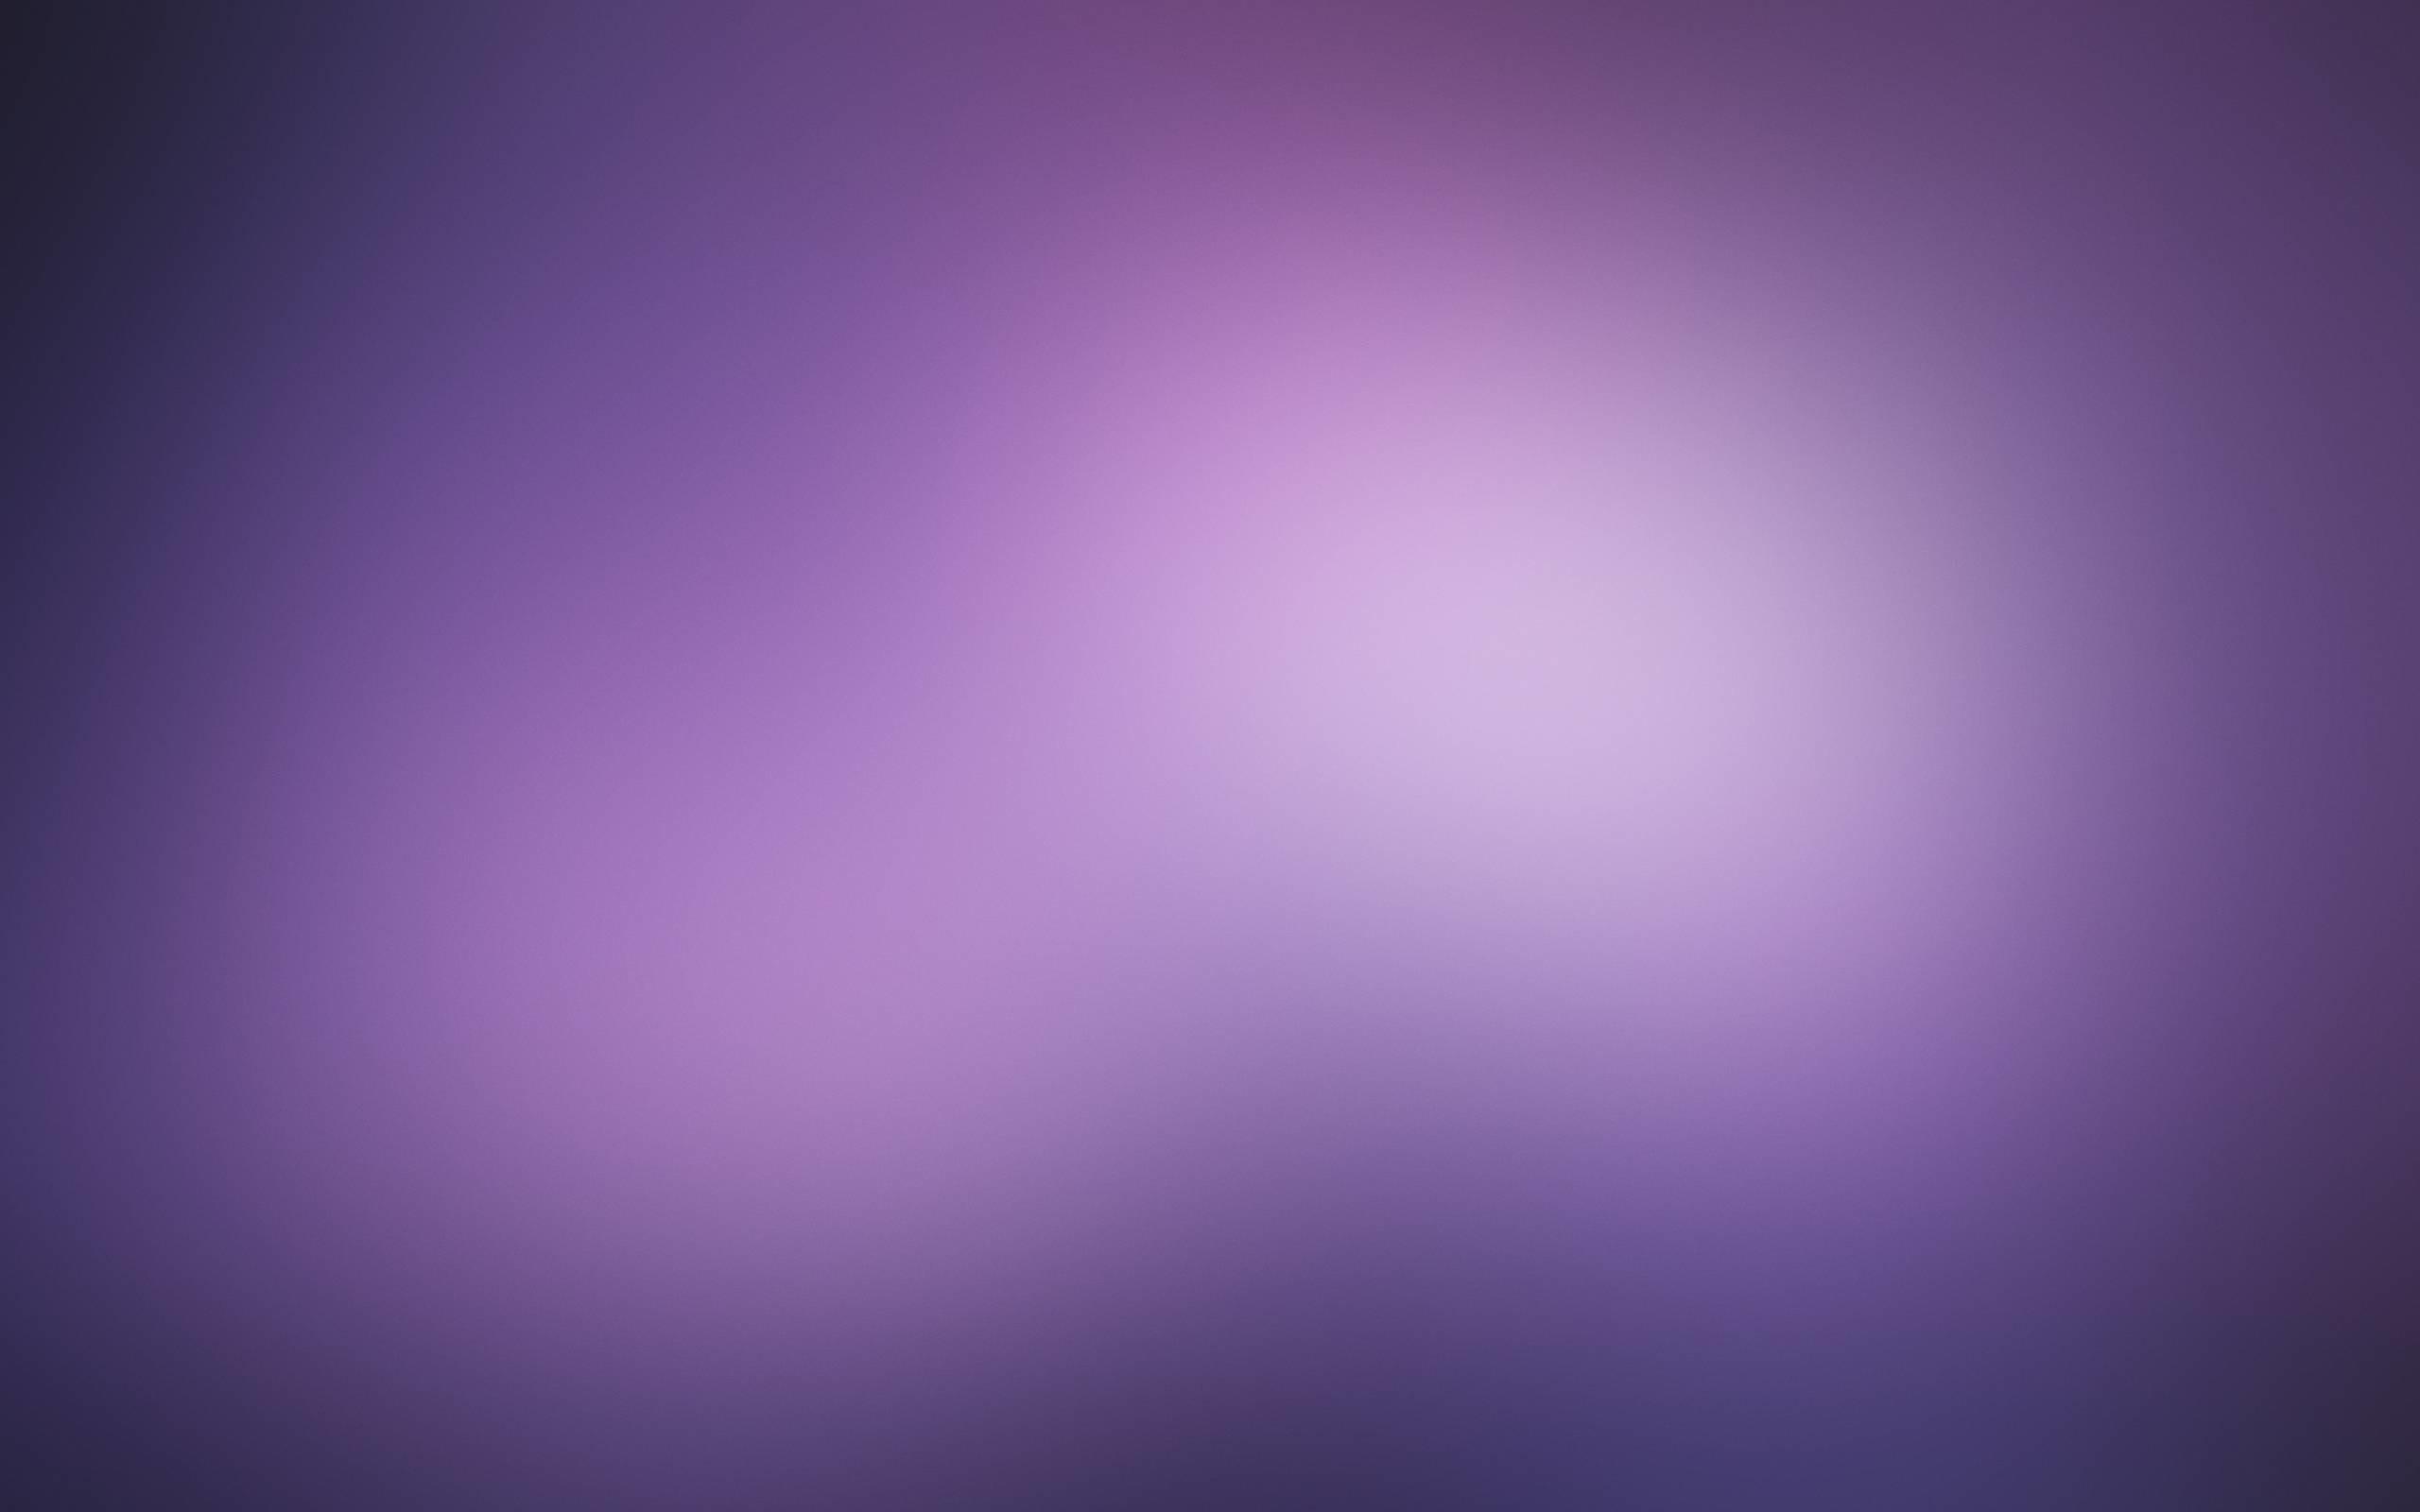 Purple wallpaper 2